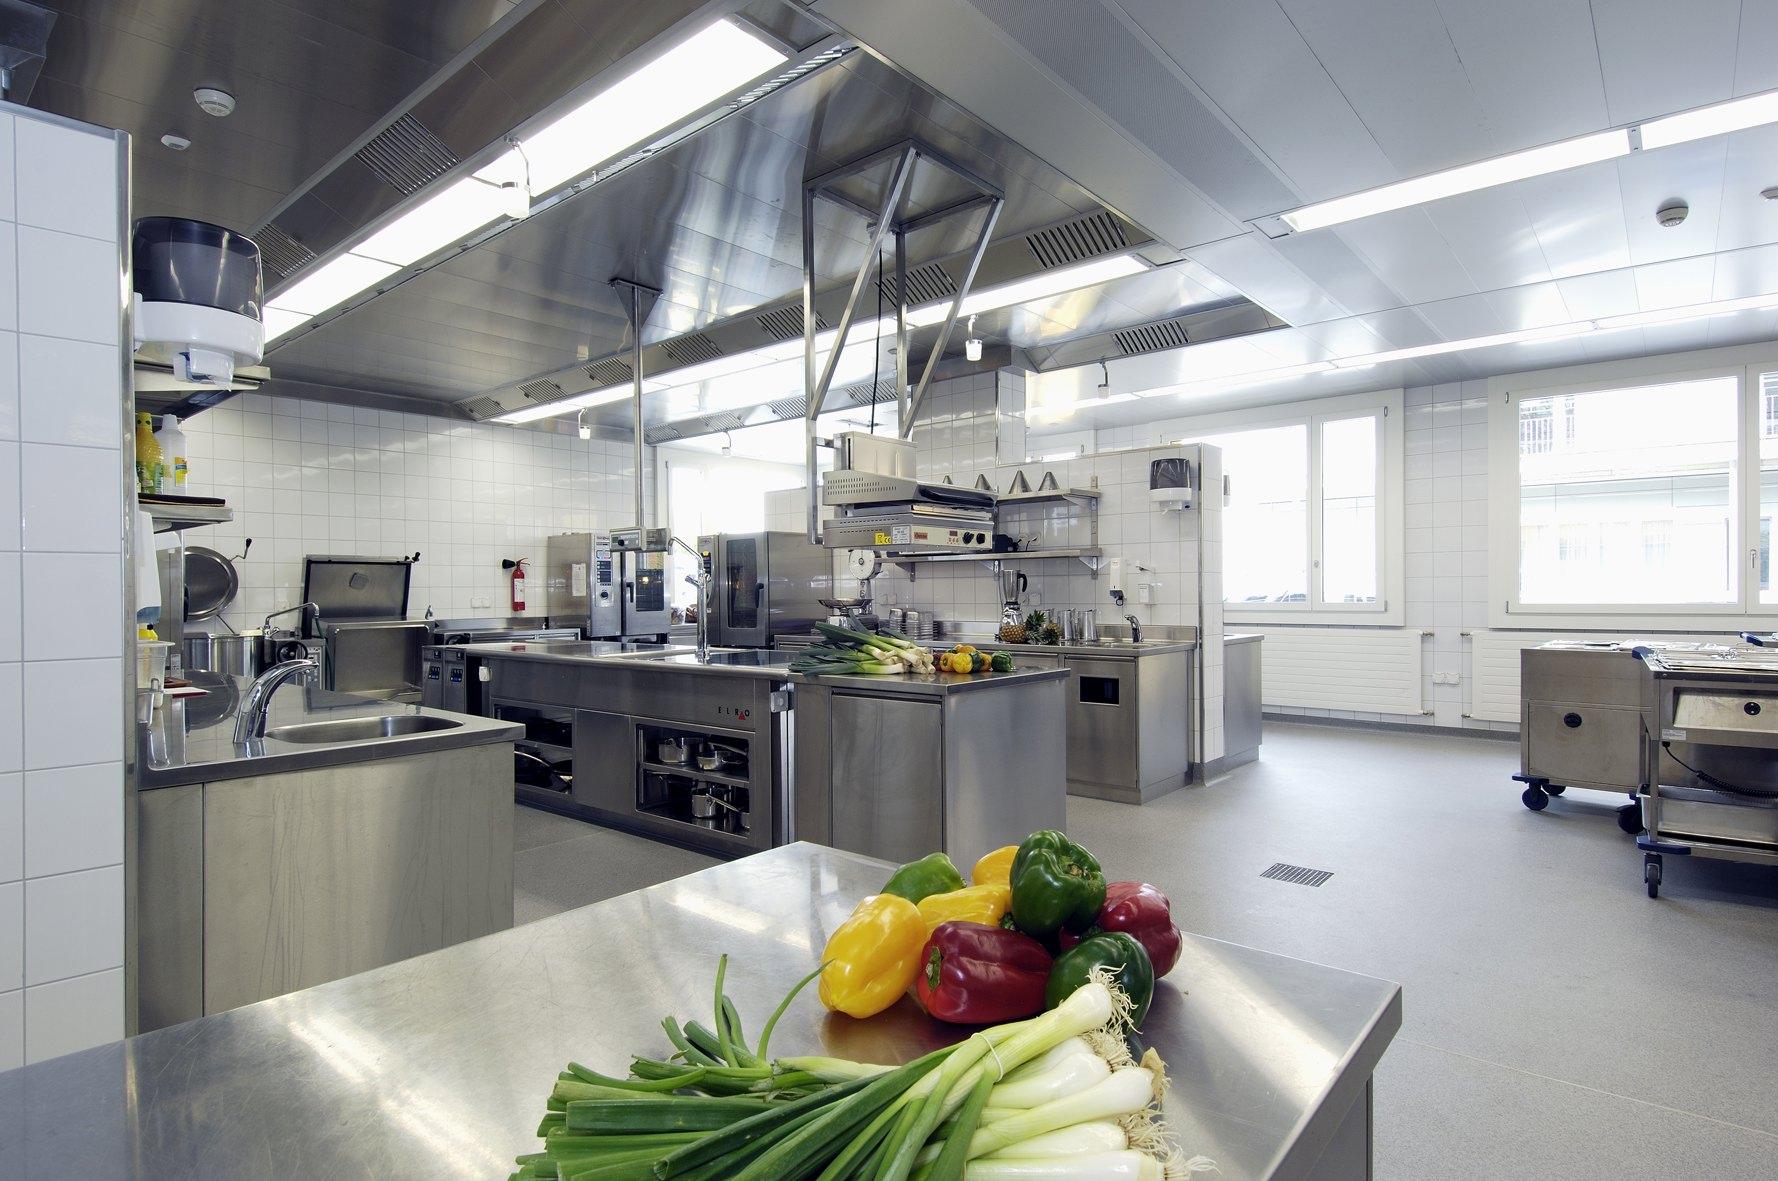 Full Size of Lüftung Küche Lüftung Küche Gastronomie Lüftung Küche Ohne Fenster Lüftung Küche Einbauen Küche Lüftung Küche